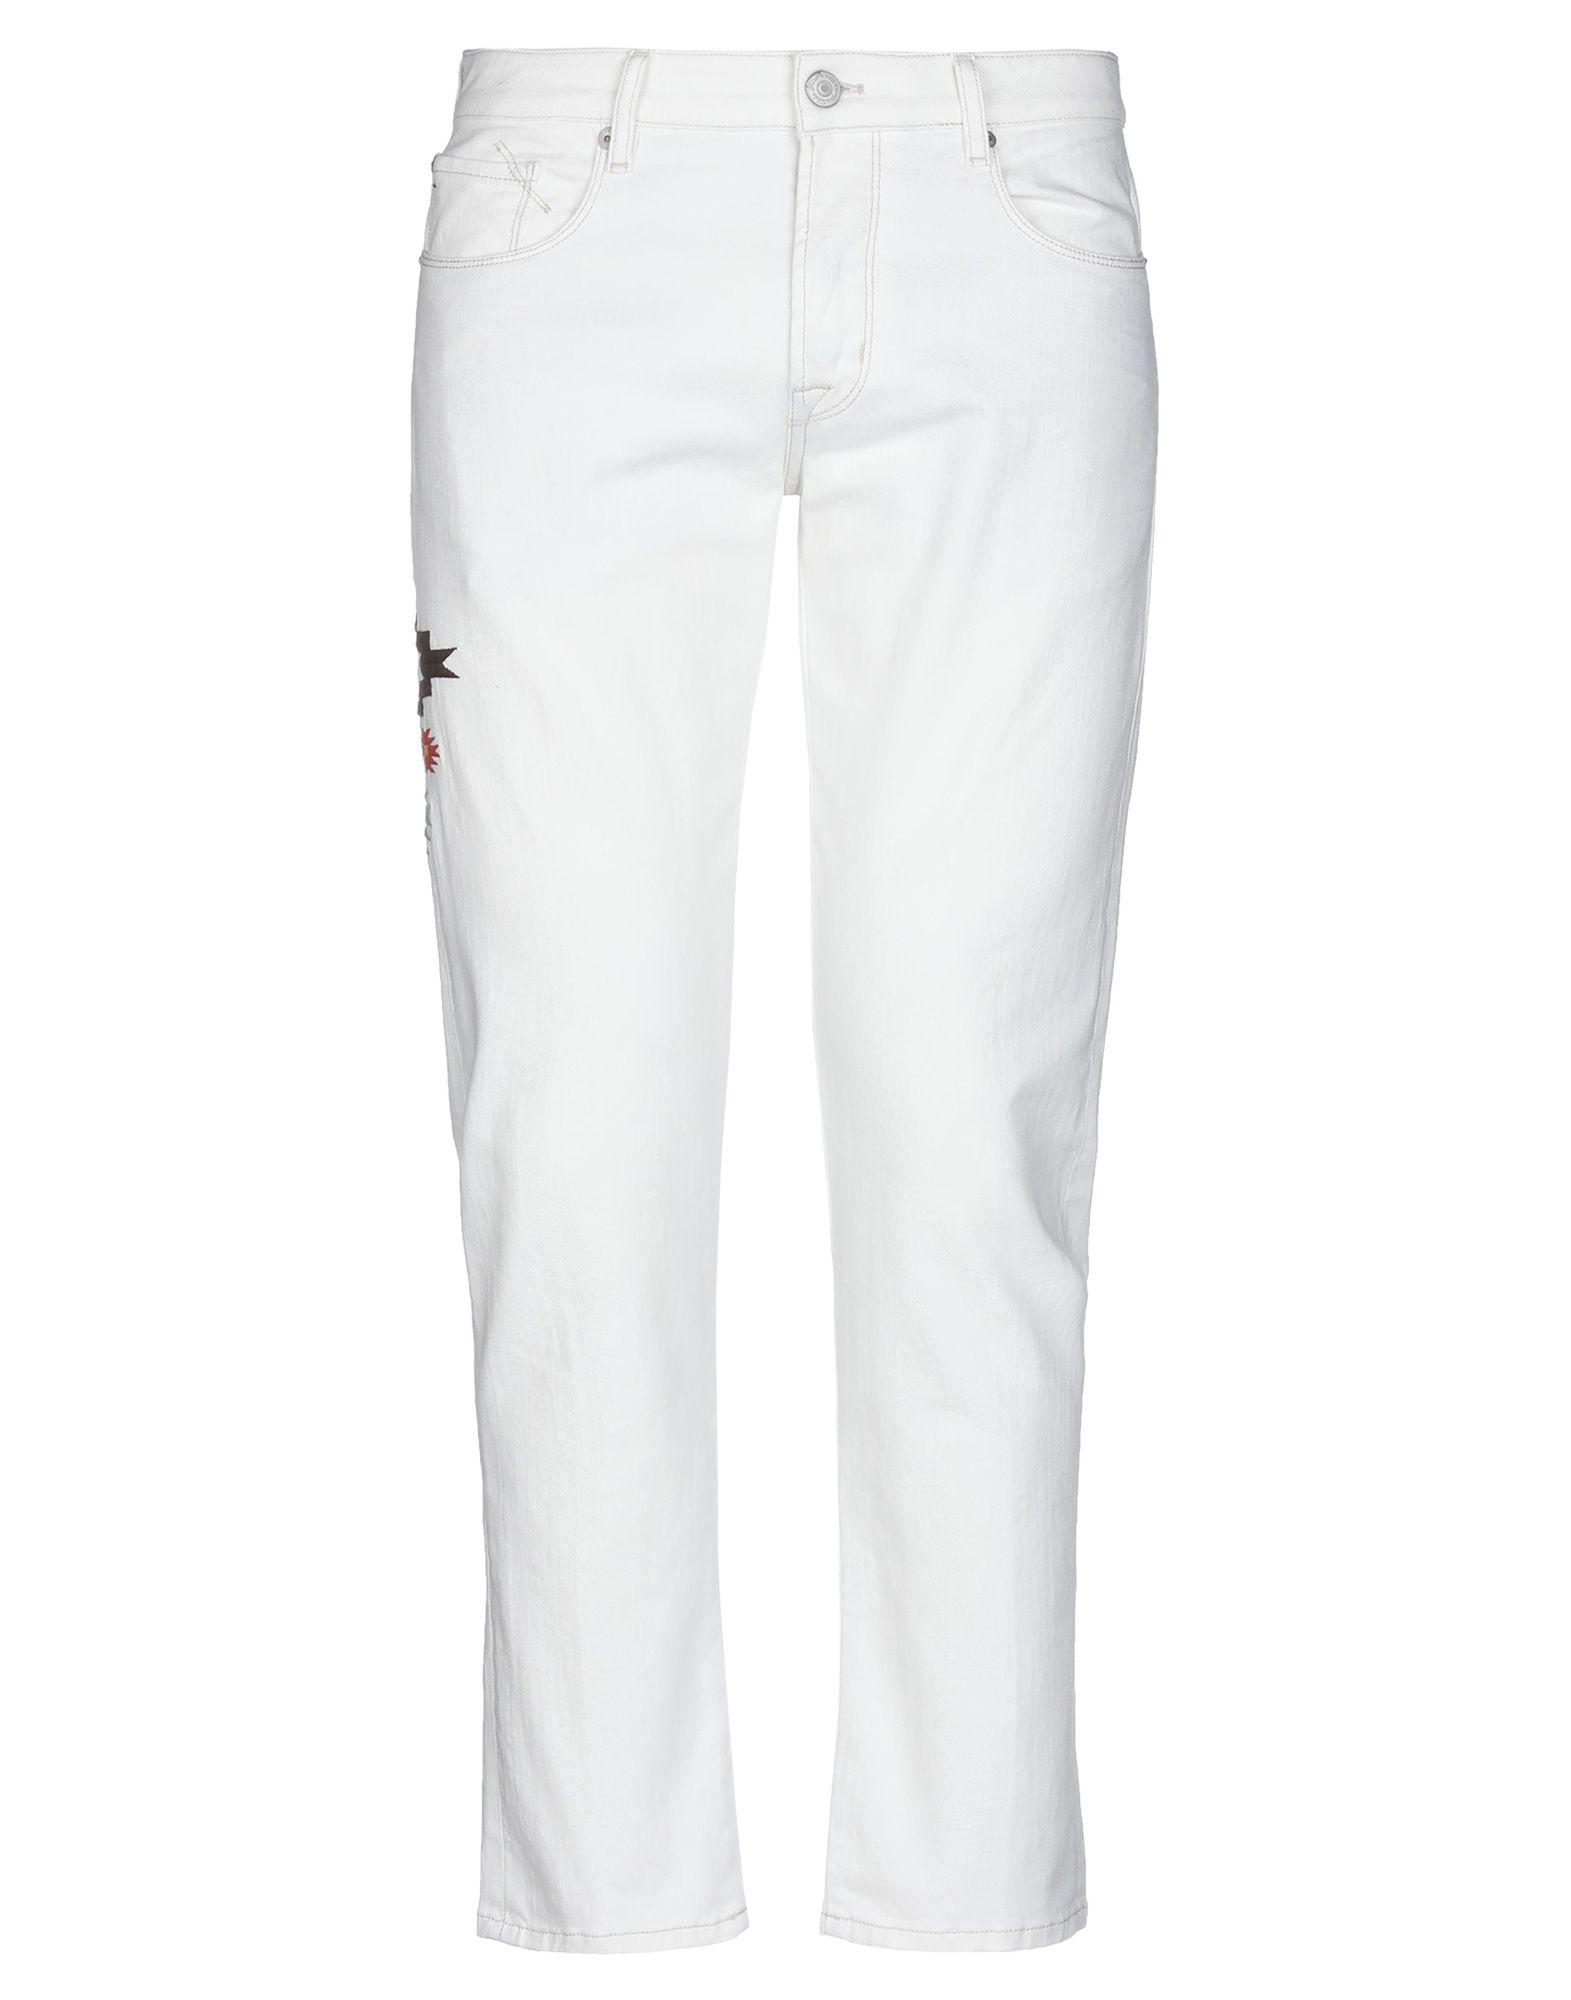 PT05 Джинсовые брюки татуировка элегантные брюки для белья классическая элегантная стерео вышивка dudou silk adult duck set